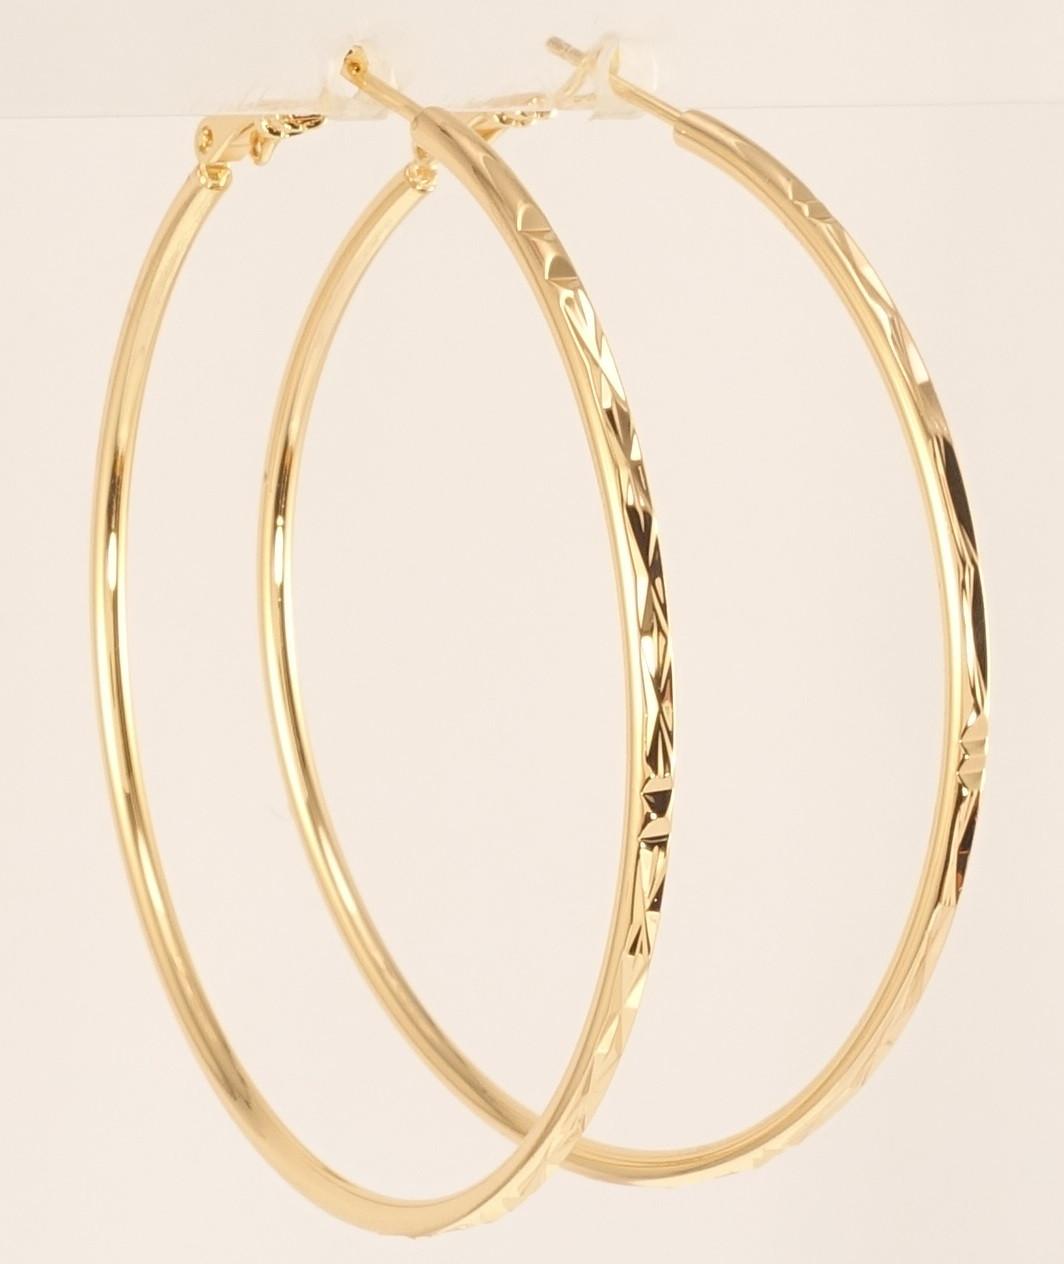 """Сережки M&L жовтий відтінок кільця (конго) """"Декоративний орнамент насічками"""" ø 5,5 см"""